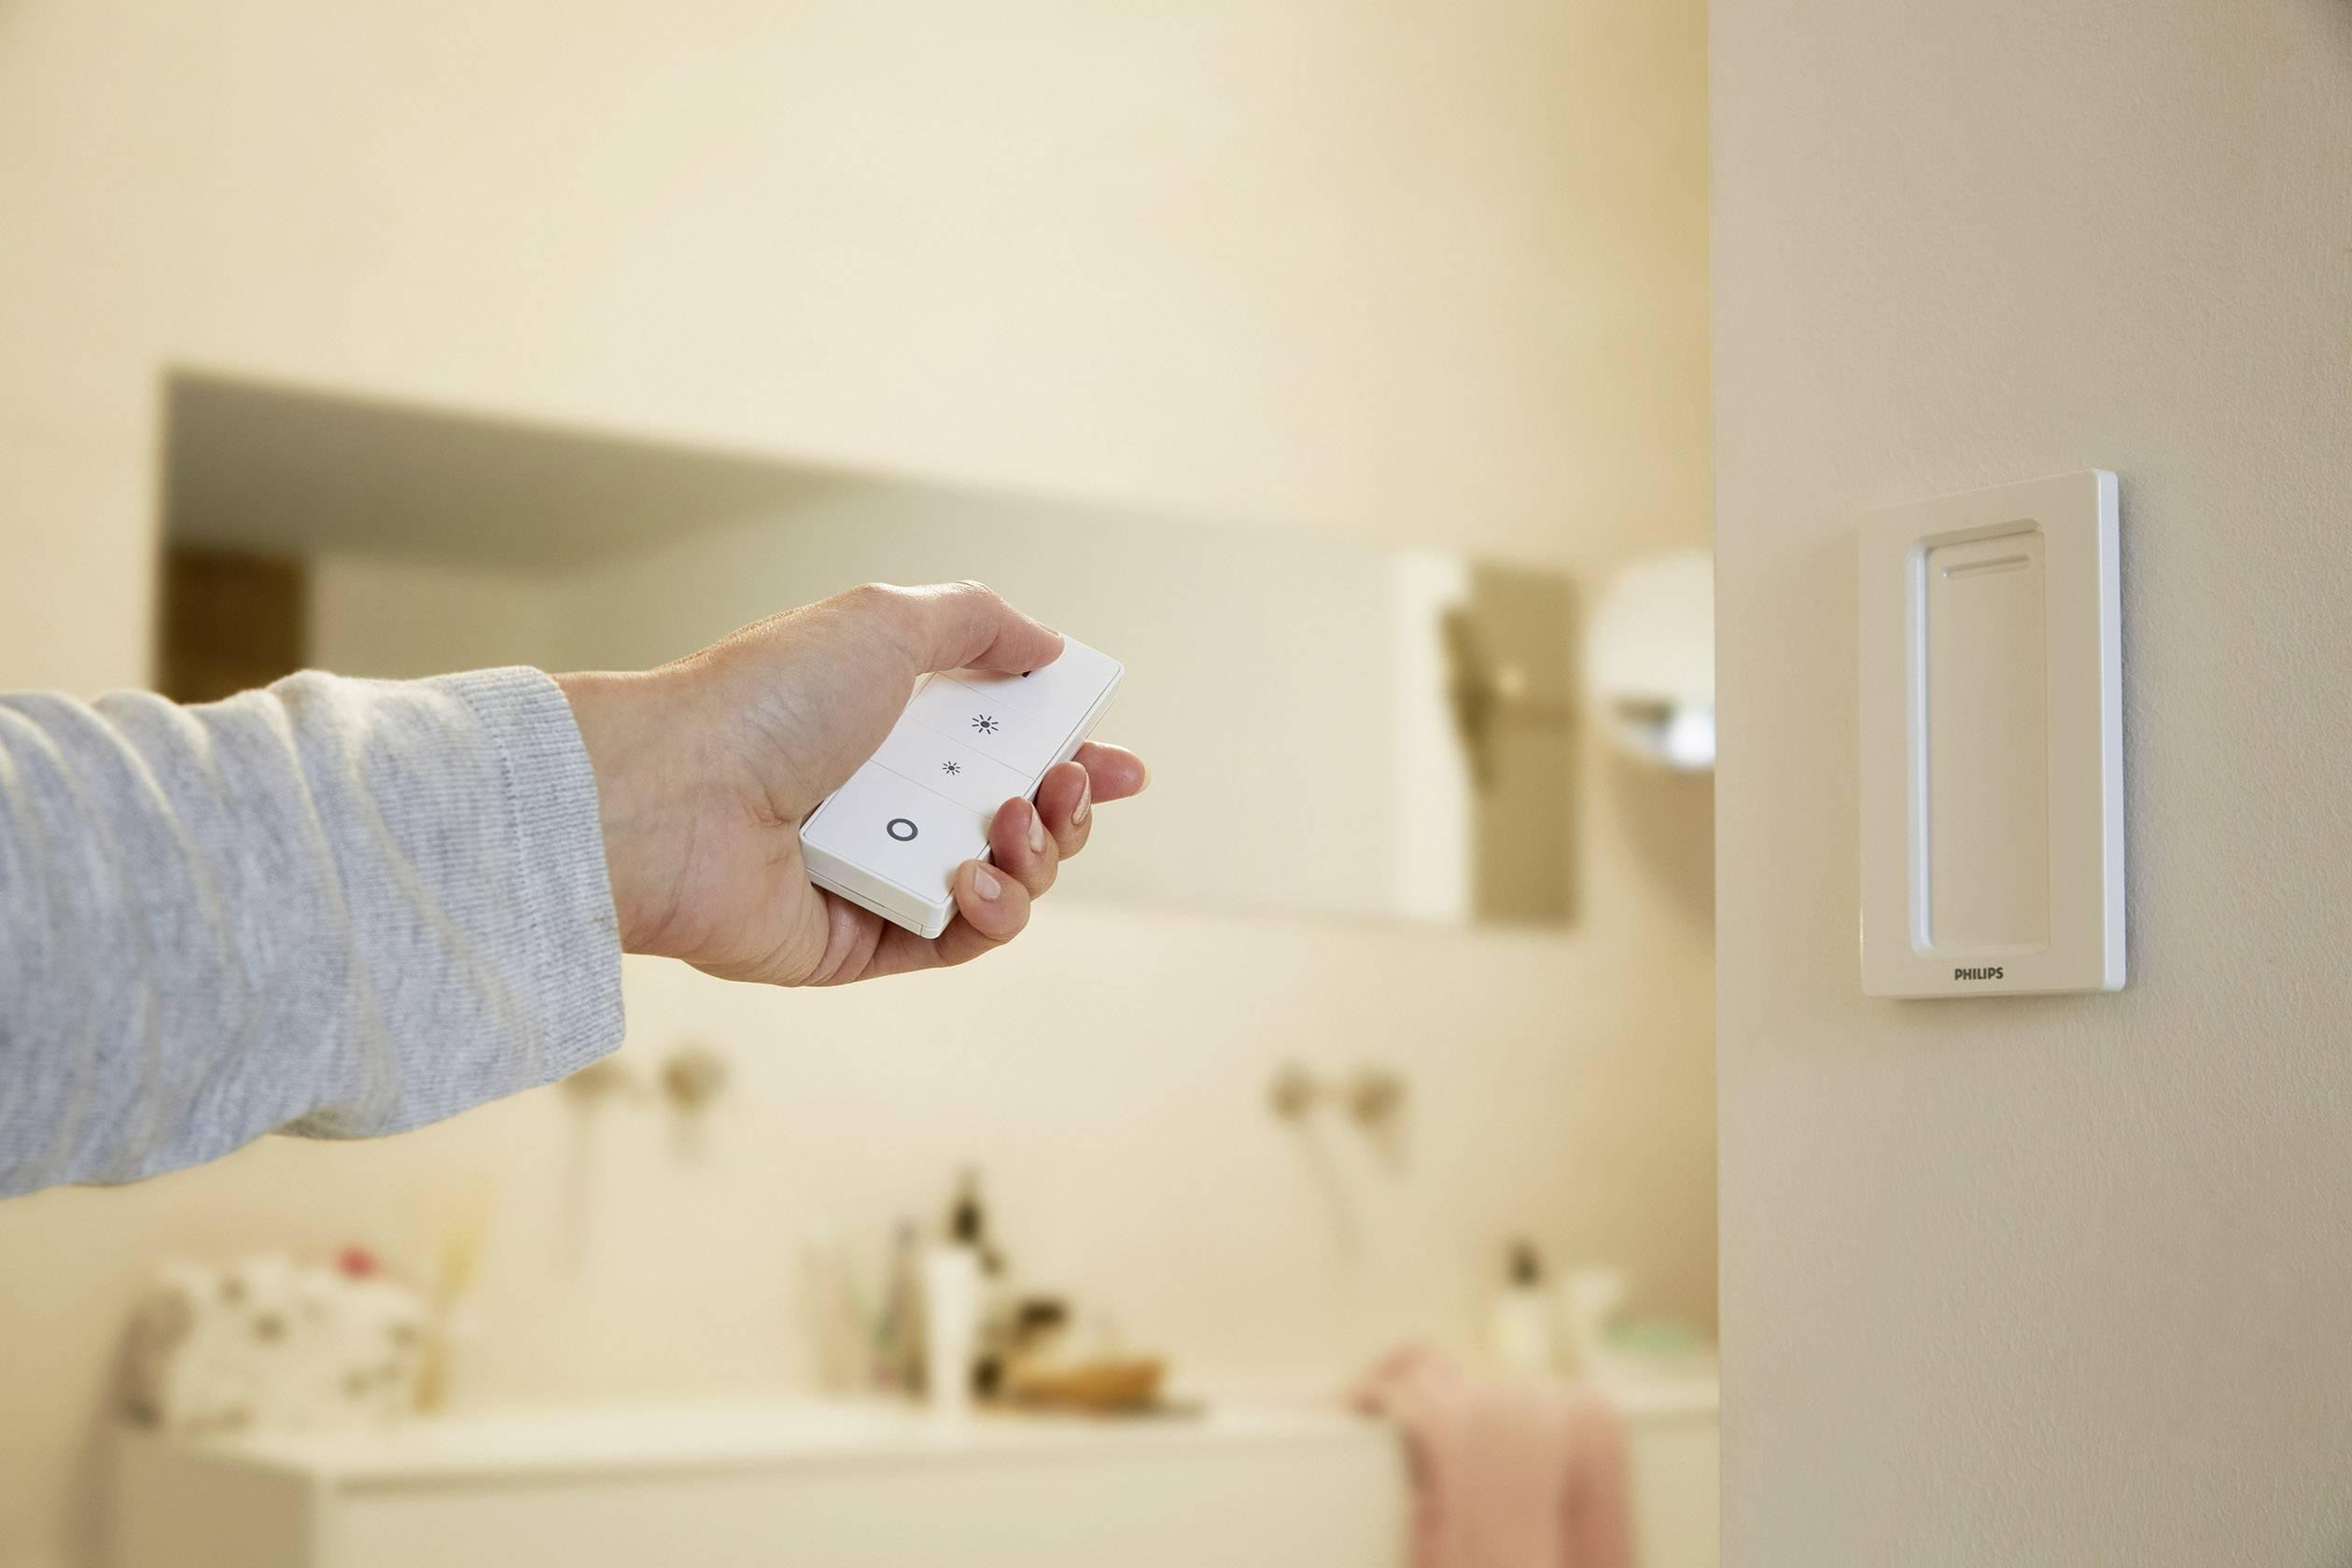 Philips Hue Badkamer : Philips lighting hue led bathroom ceiling light struana built in led